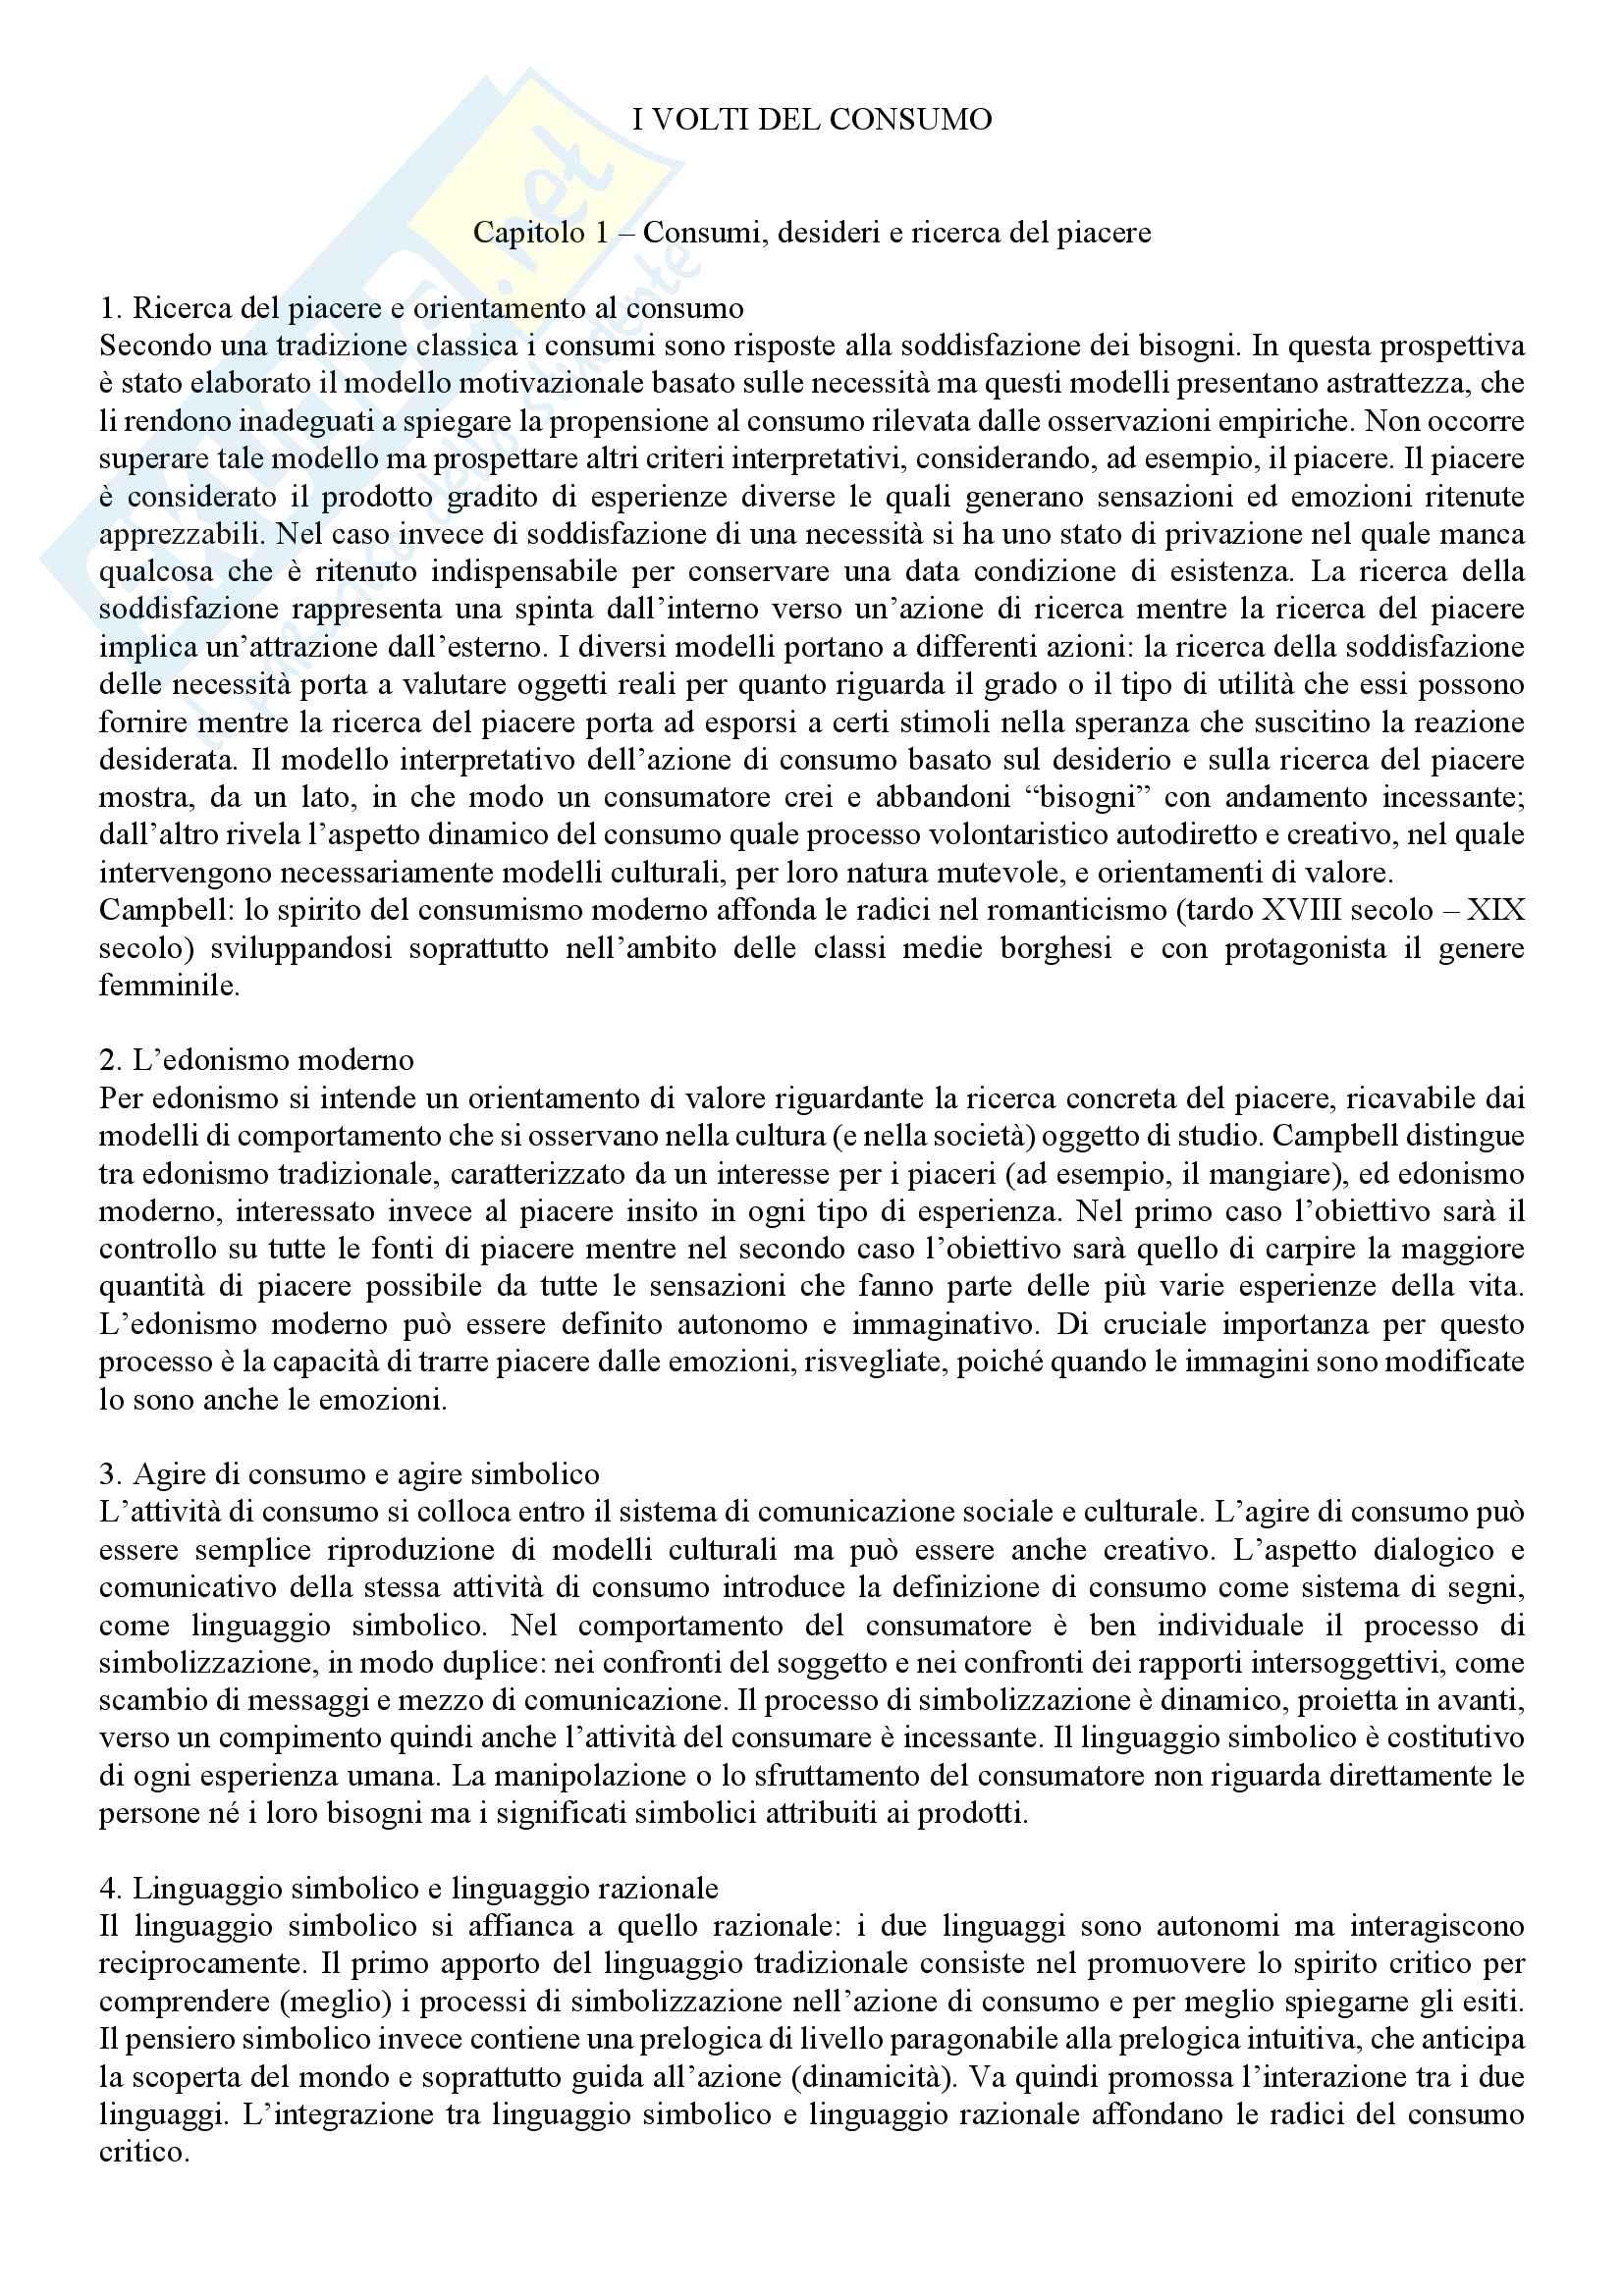 Riassunto esame Sociologia della globalizzazione, docente Rampazi, libro consigliato I volti del consumo, Sertorio, Martinengo